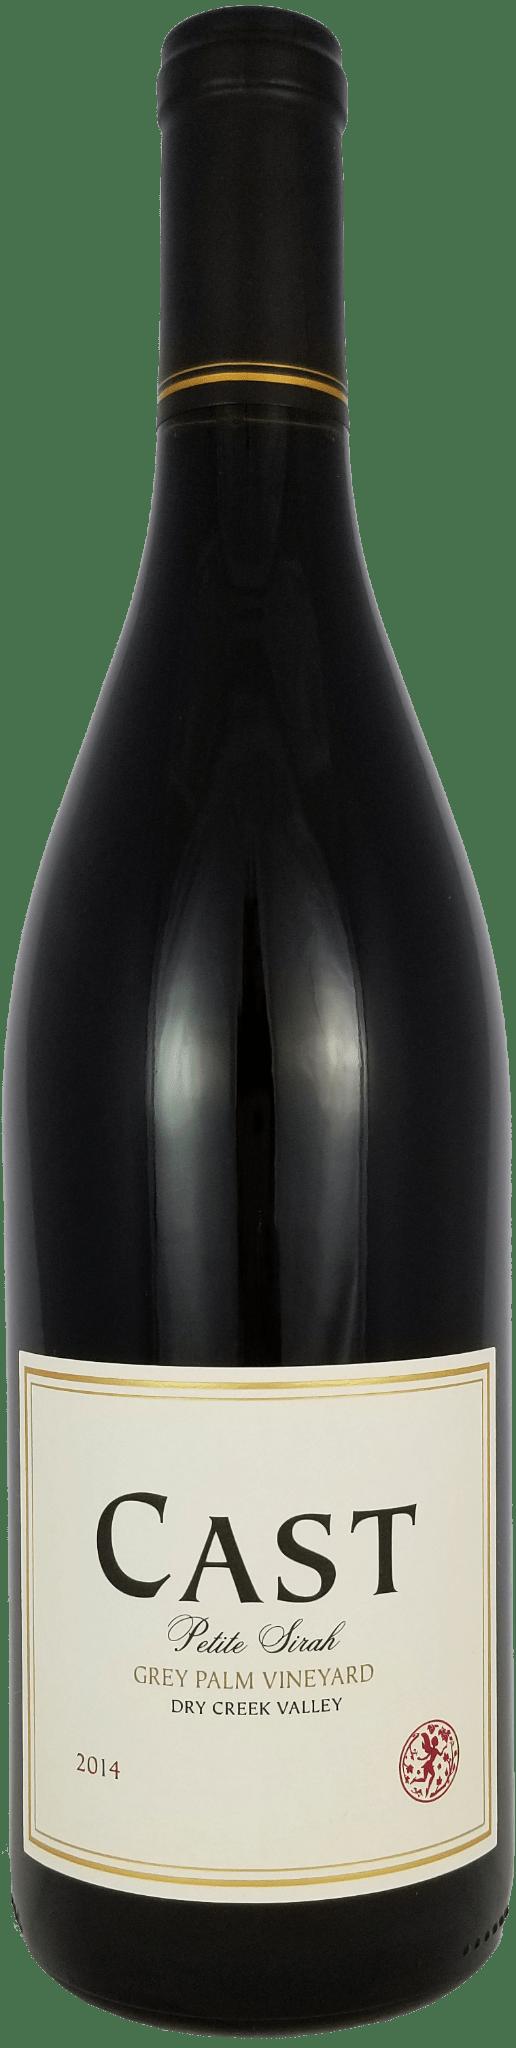 cast-2014-petite-sirah-bottle-1-1-1